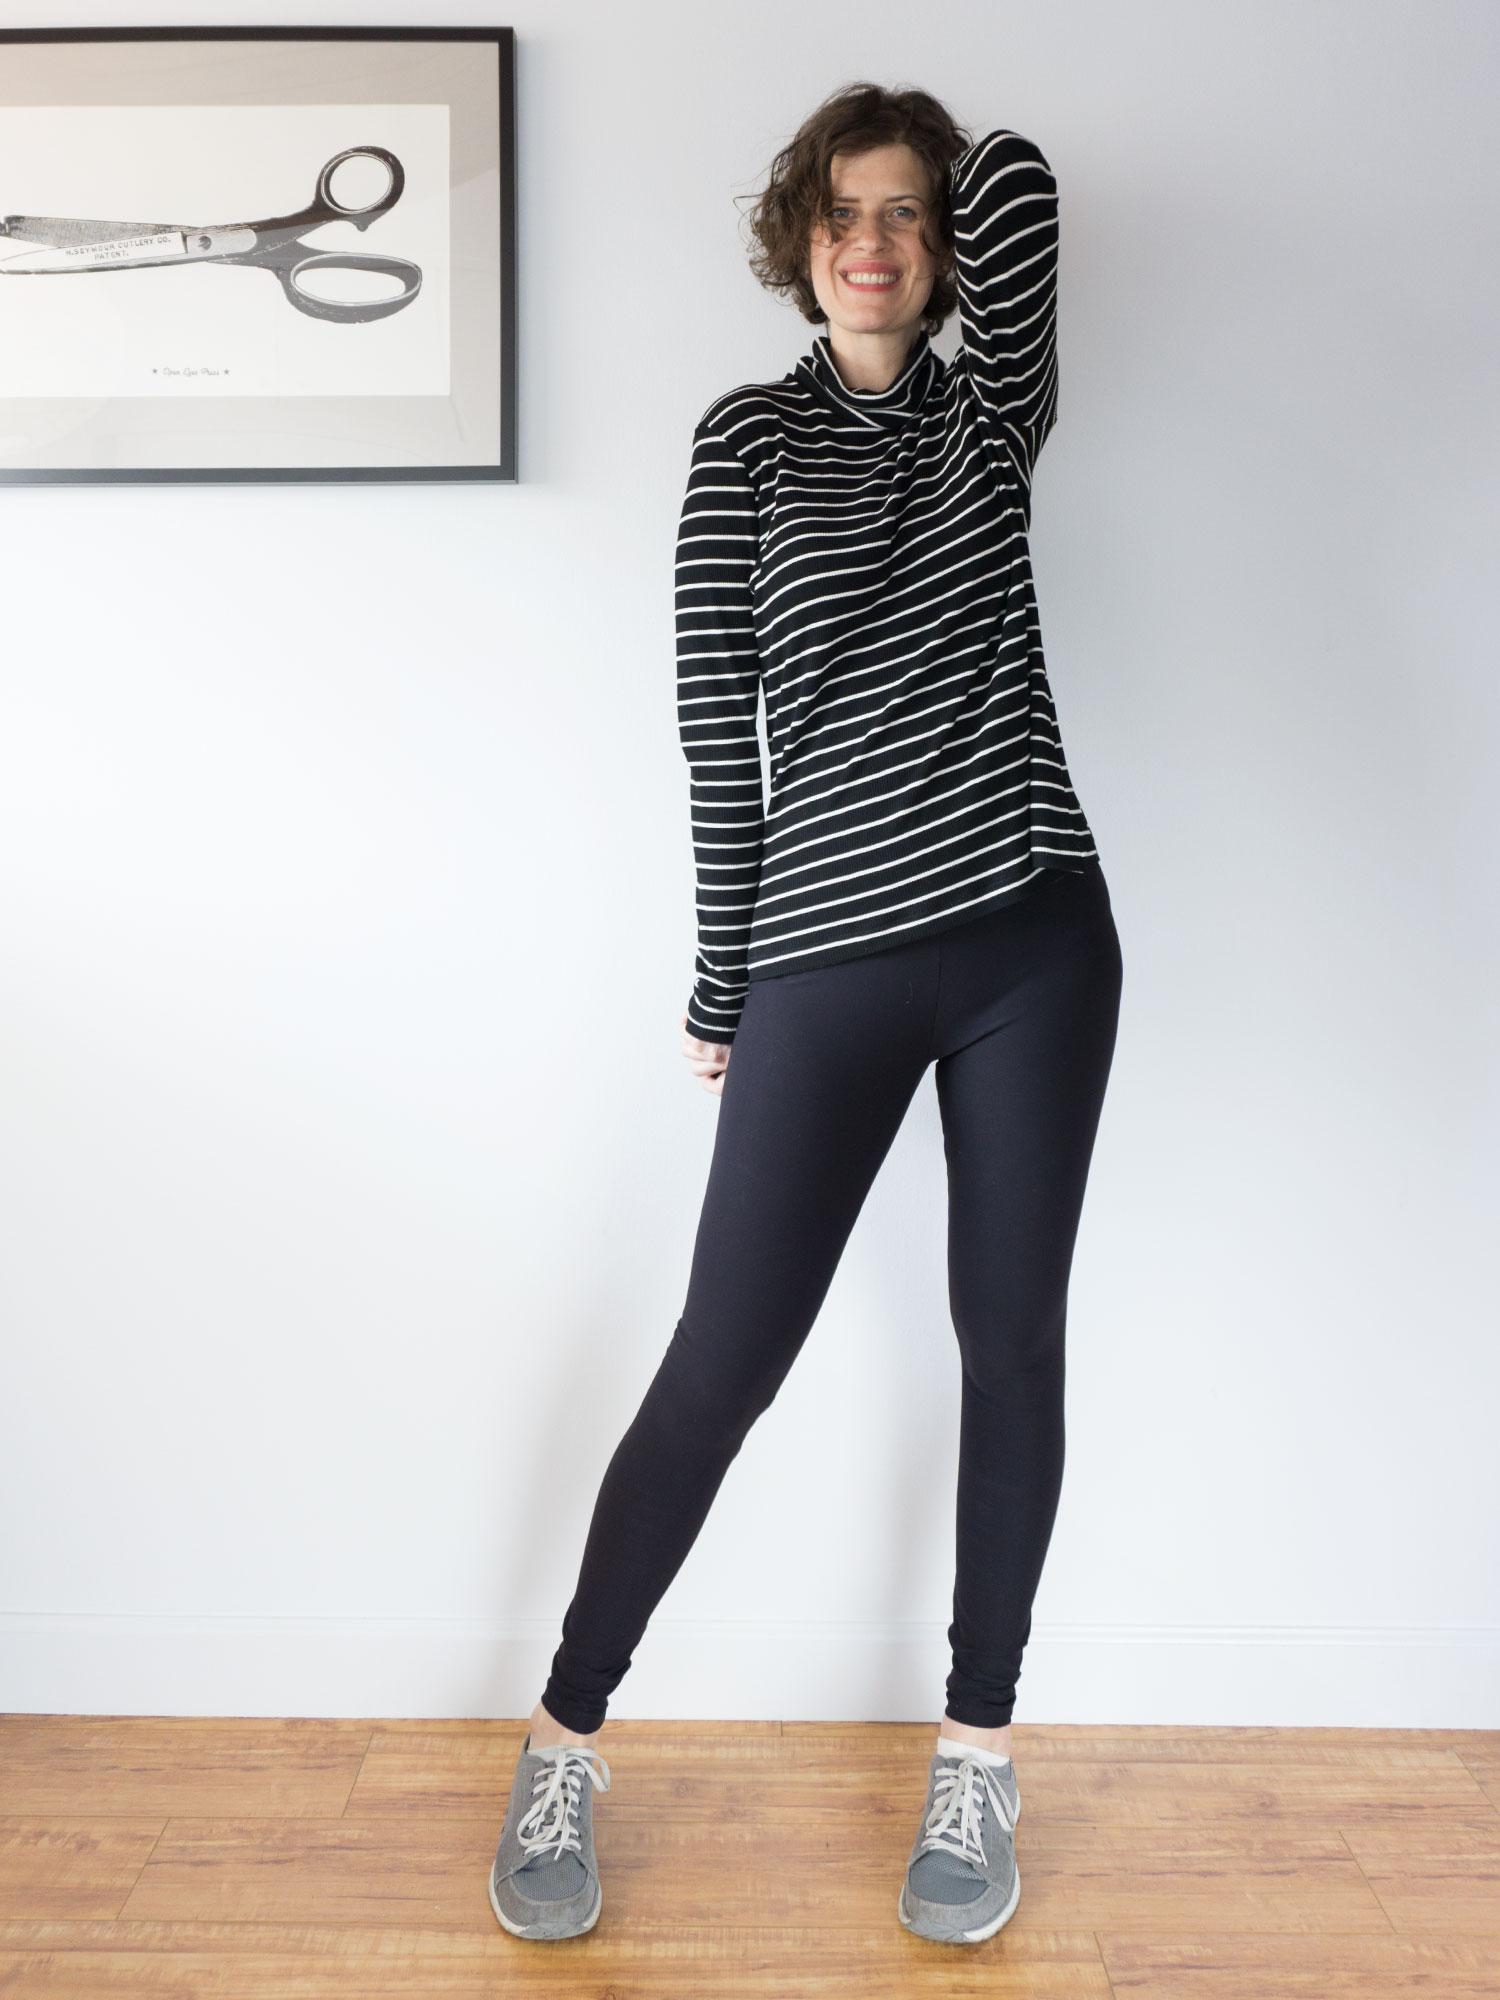 DIY Striped Turtleneck – Seamwork Neenah Pattern   Sew DIY